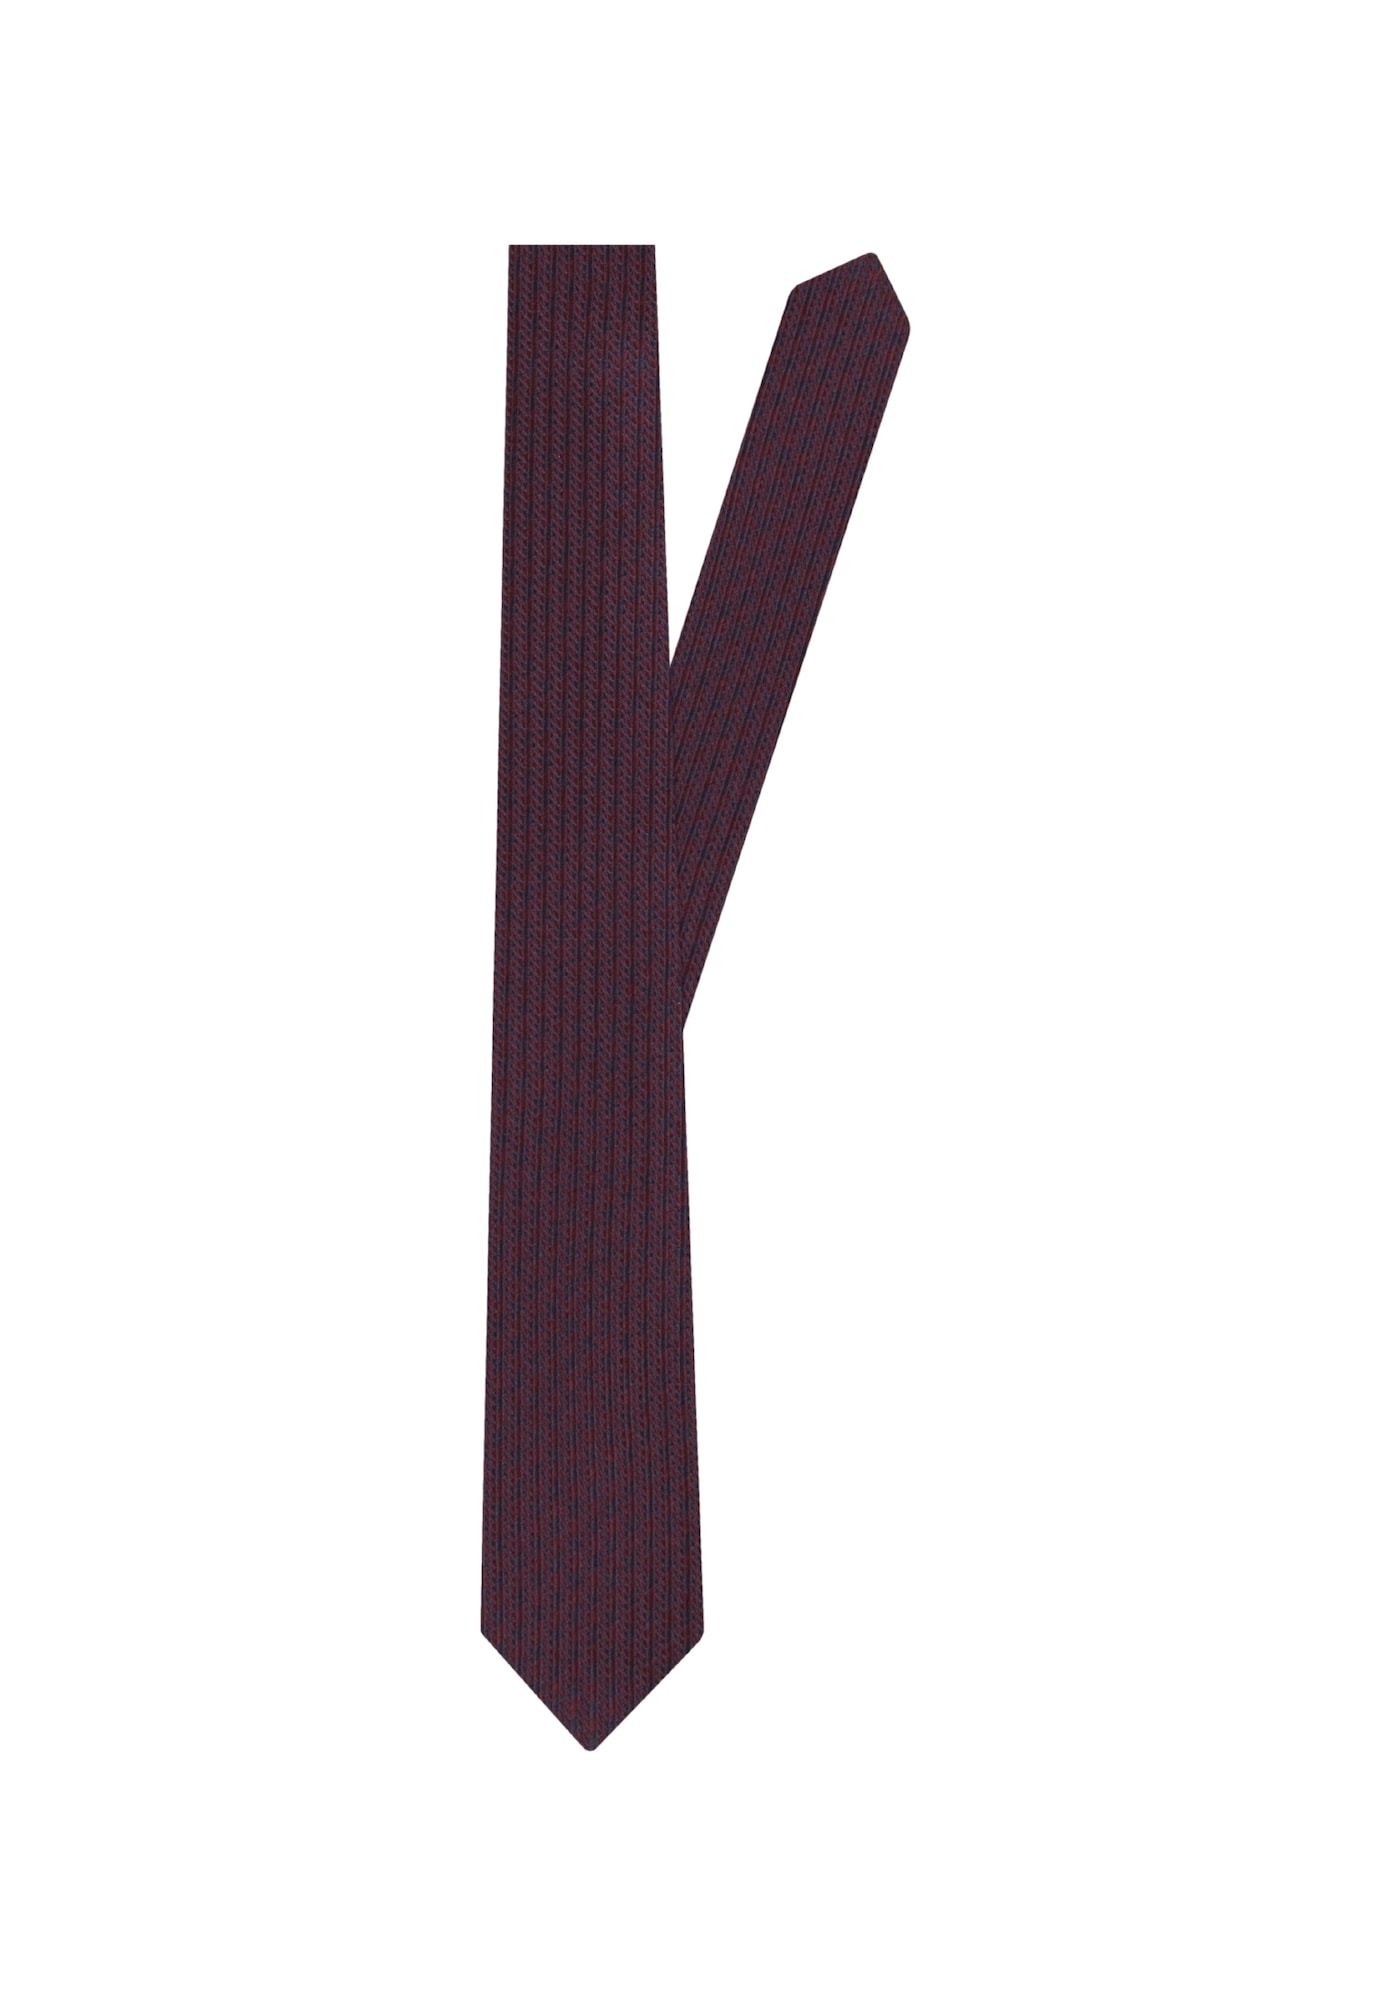 Krawatte | Accessoires > Krawatten > Sonstige Krawatten | SEIDENSTICKER